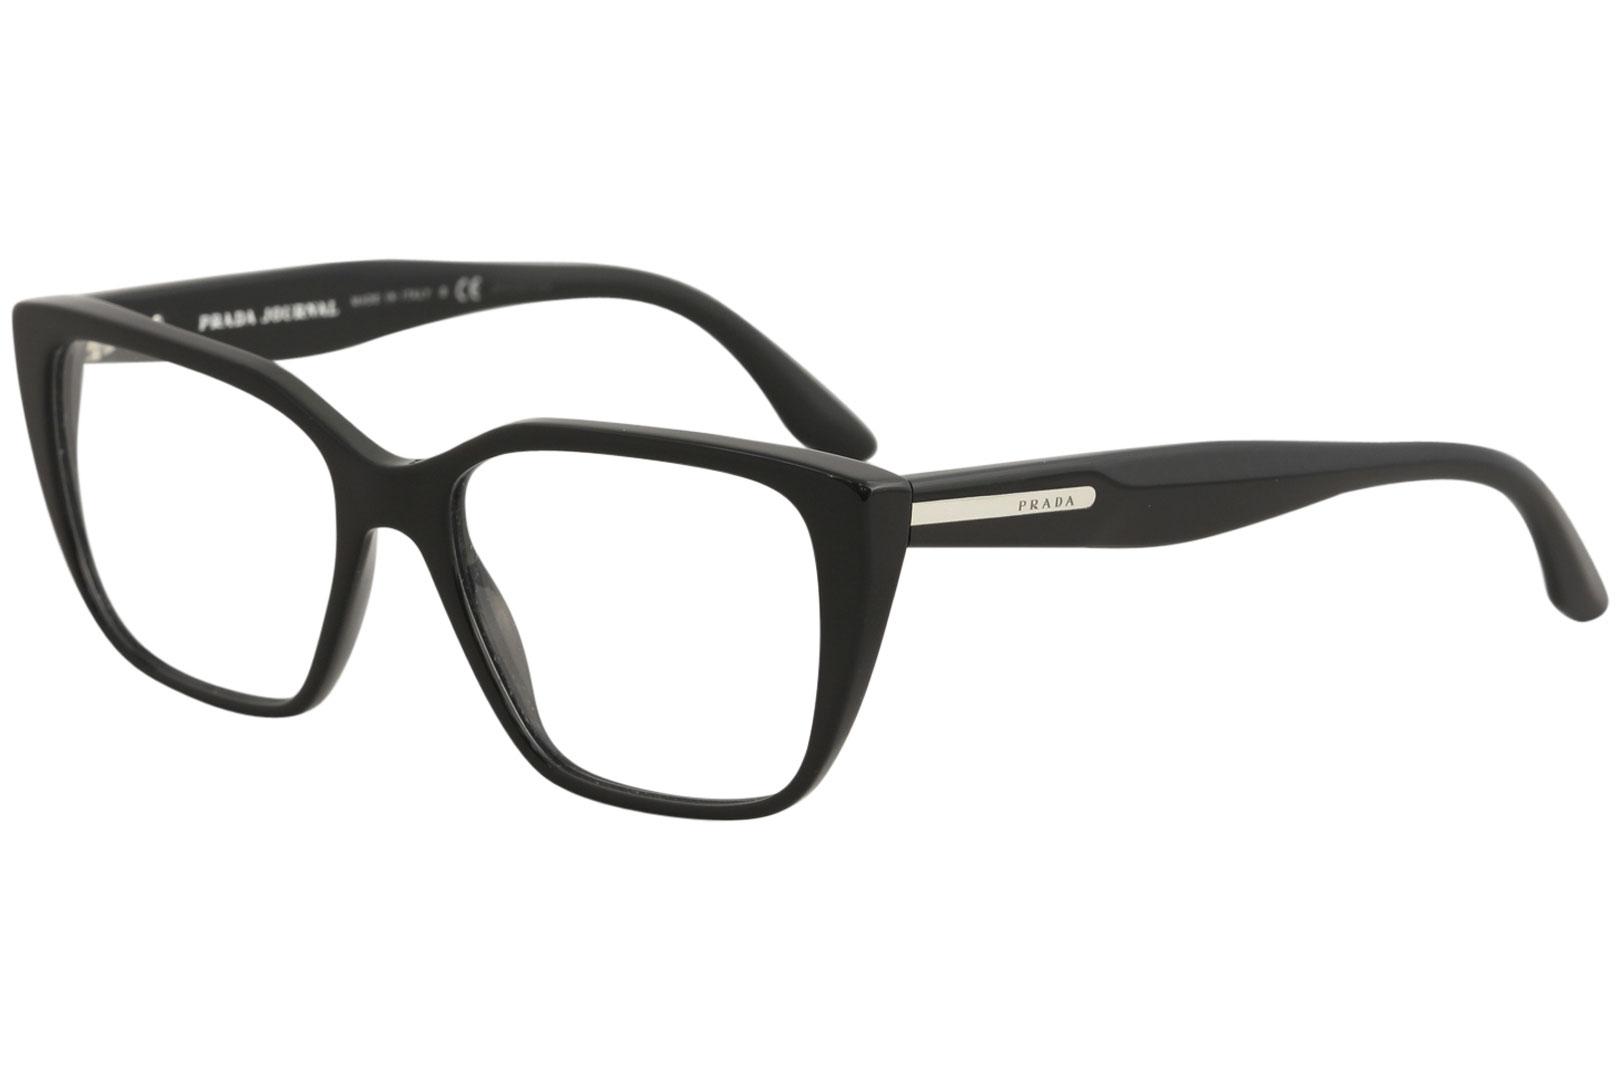 798451727f85 Prada Women s Eyeglasses VPR08T VPR 08 T 1AB 1O1 Black Optical Frame ...